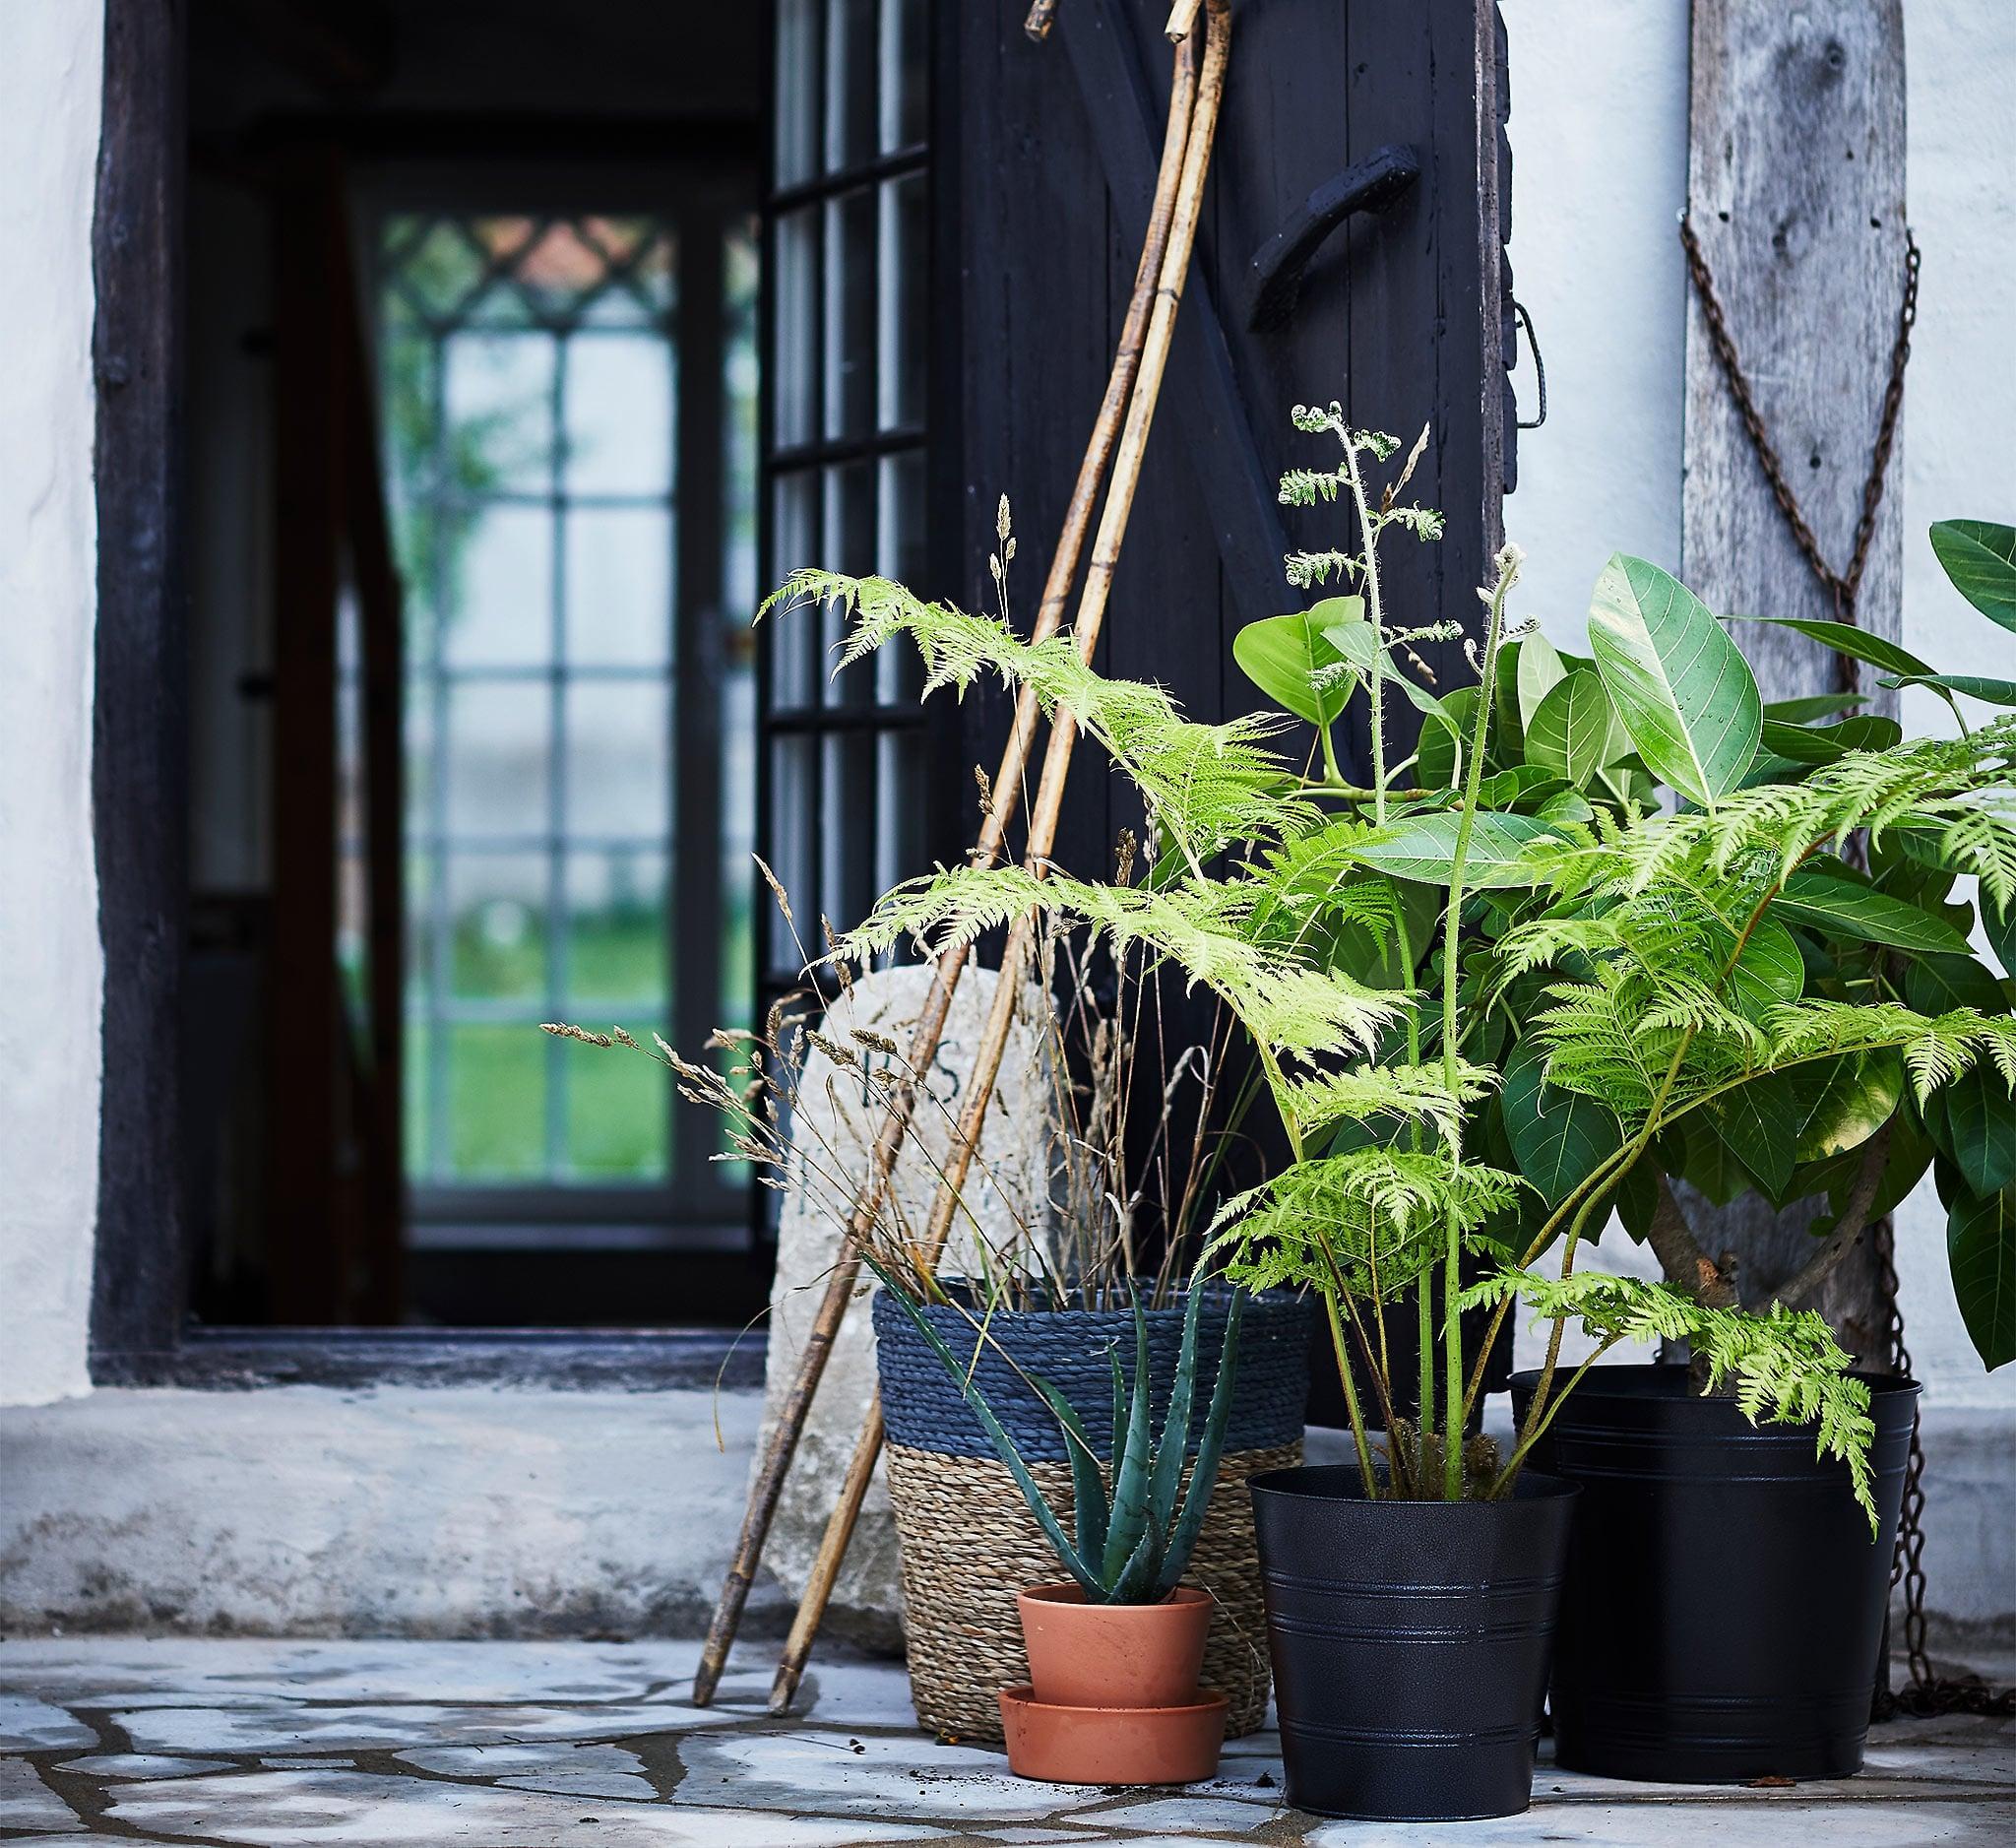 Quelle Plante Mettre Dans Un Grand Pot Exterieur ▷ classement & guide d'achat : top pots de fleurs